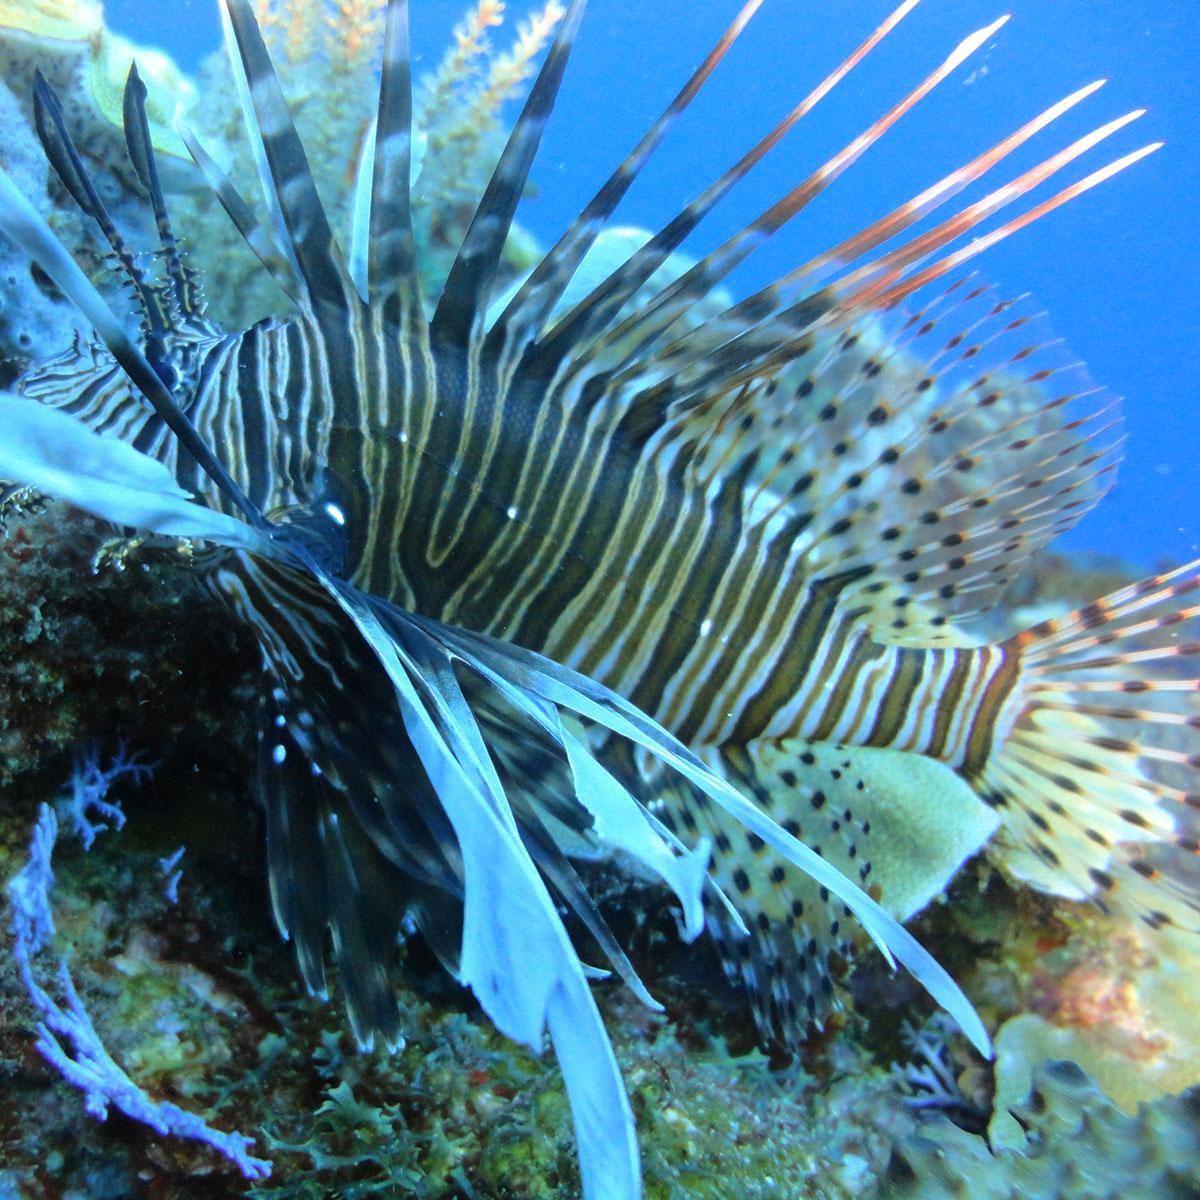 Ein gestreifer Fisch am Meeresgrund